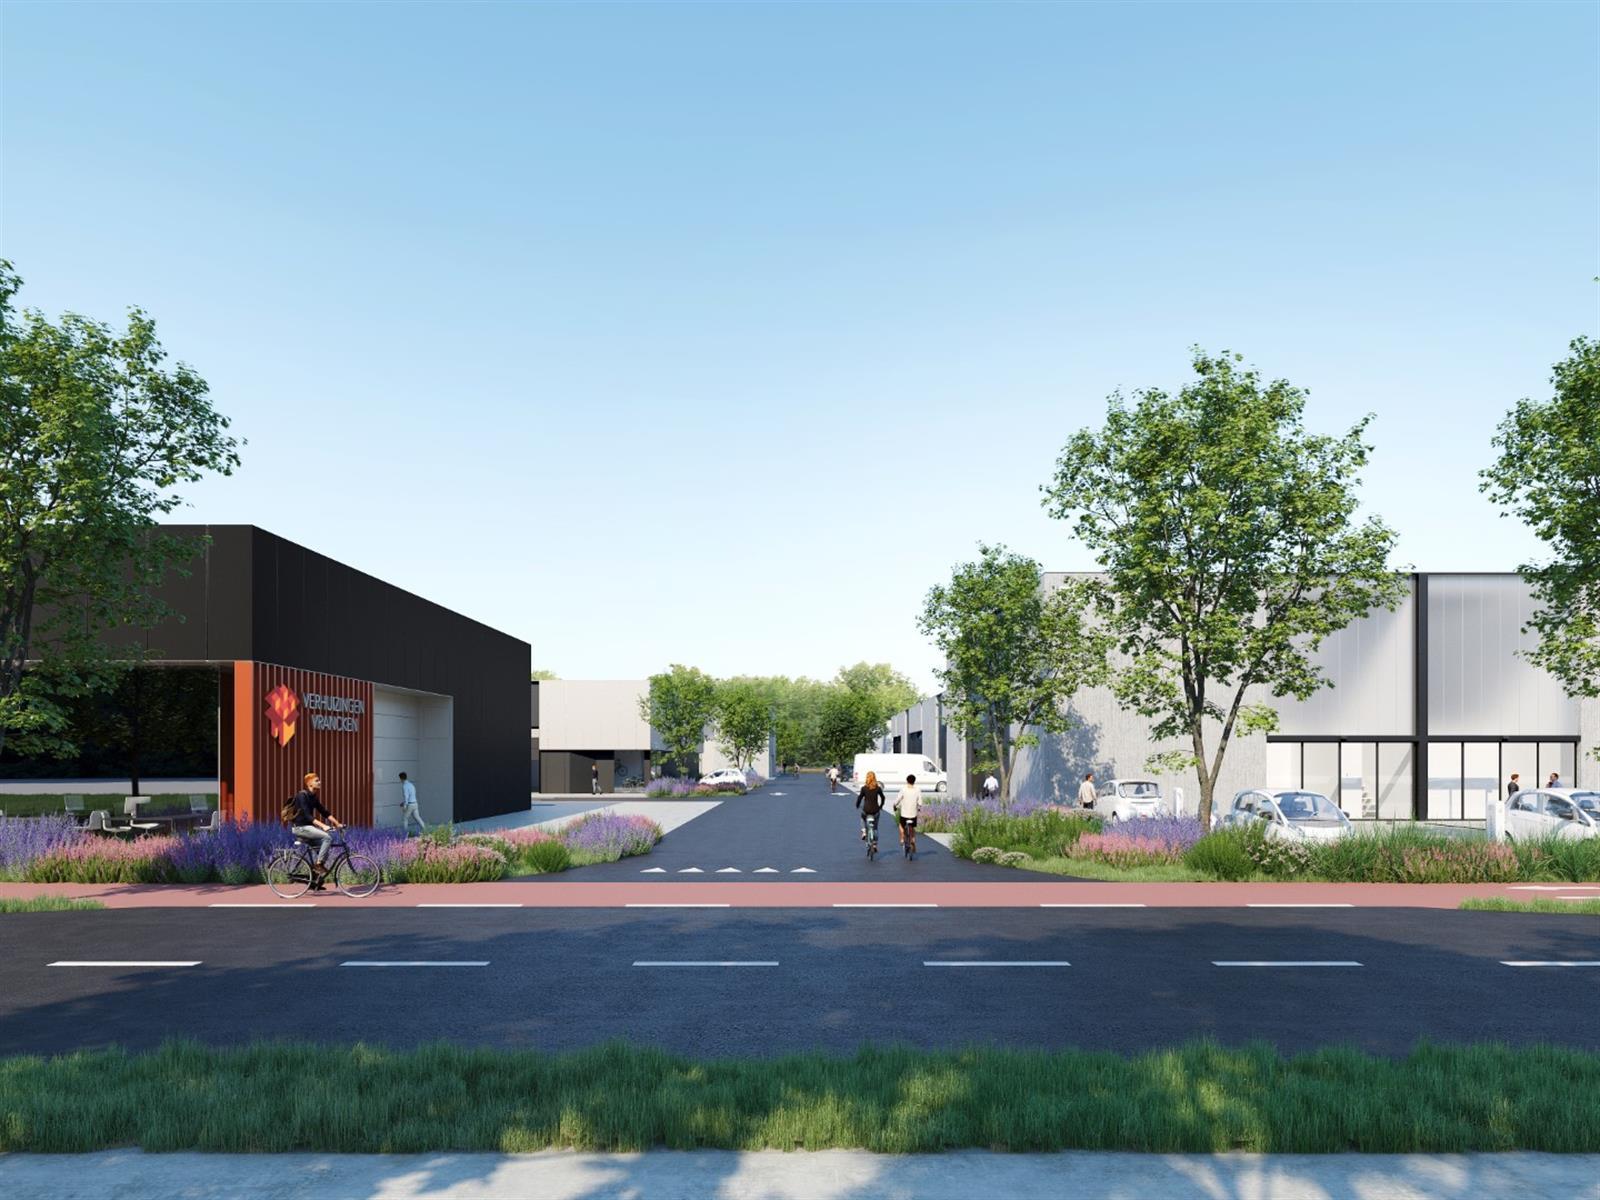 KMO-unit te koop Heros Businesspark KMO Unit 6 - Herkenrodesingel 10, 3500 Hasselt, België 1